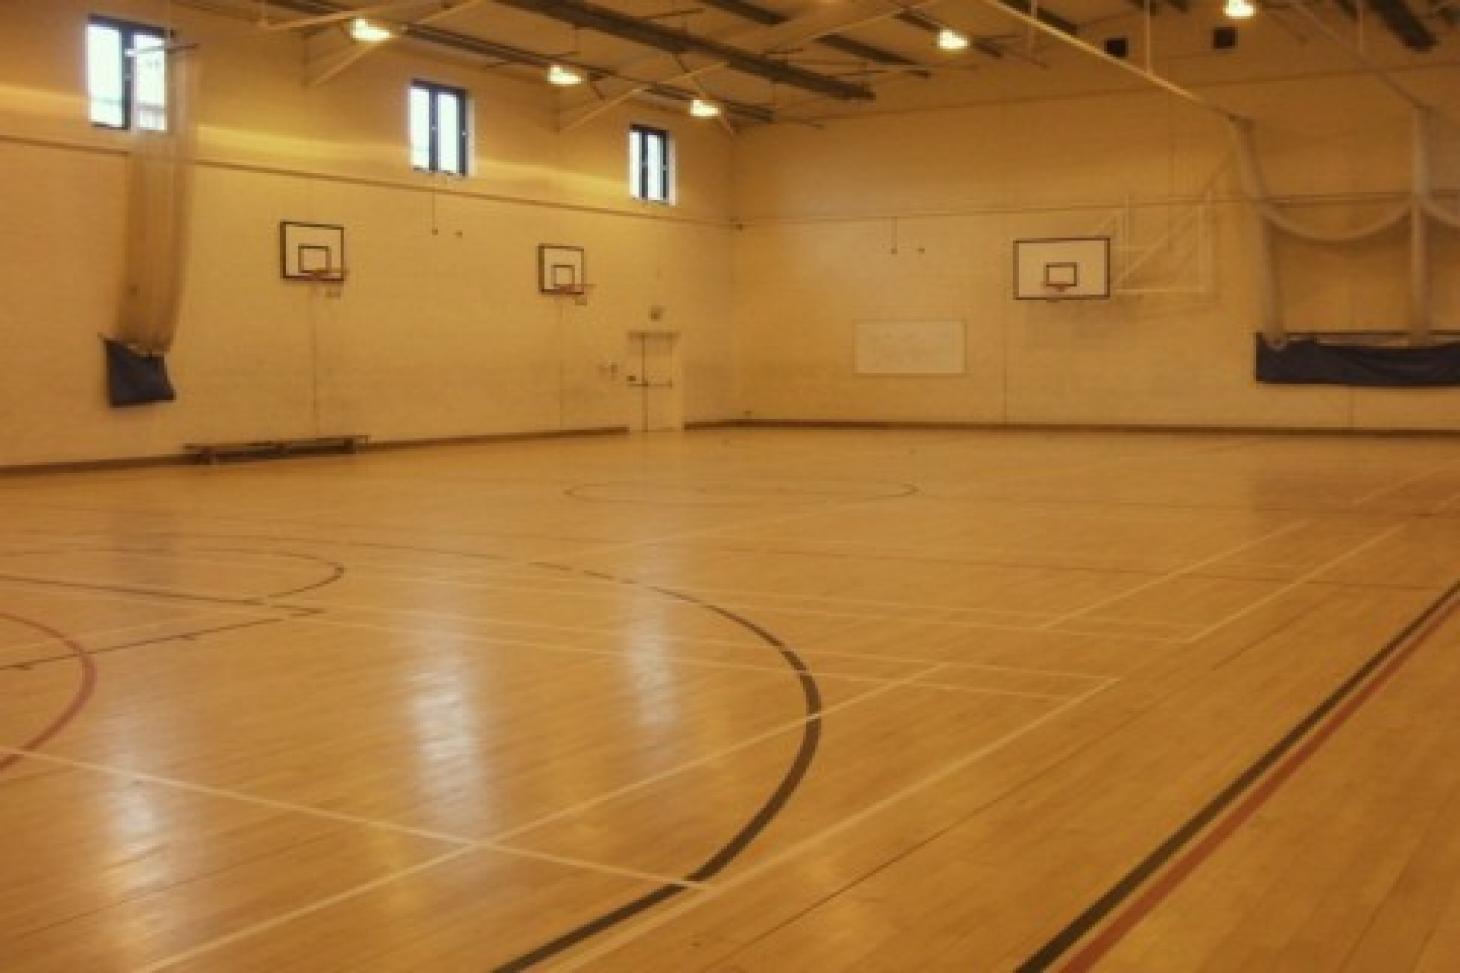 Cleeve Park School Indoor basketball court